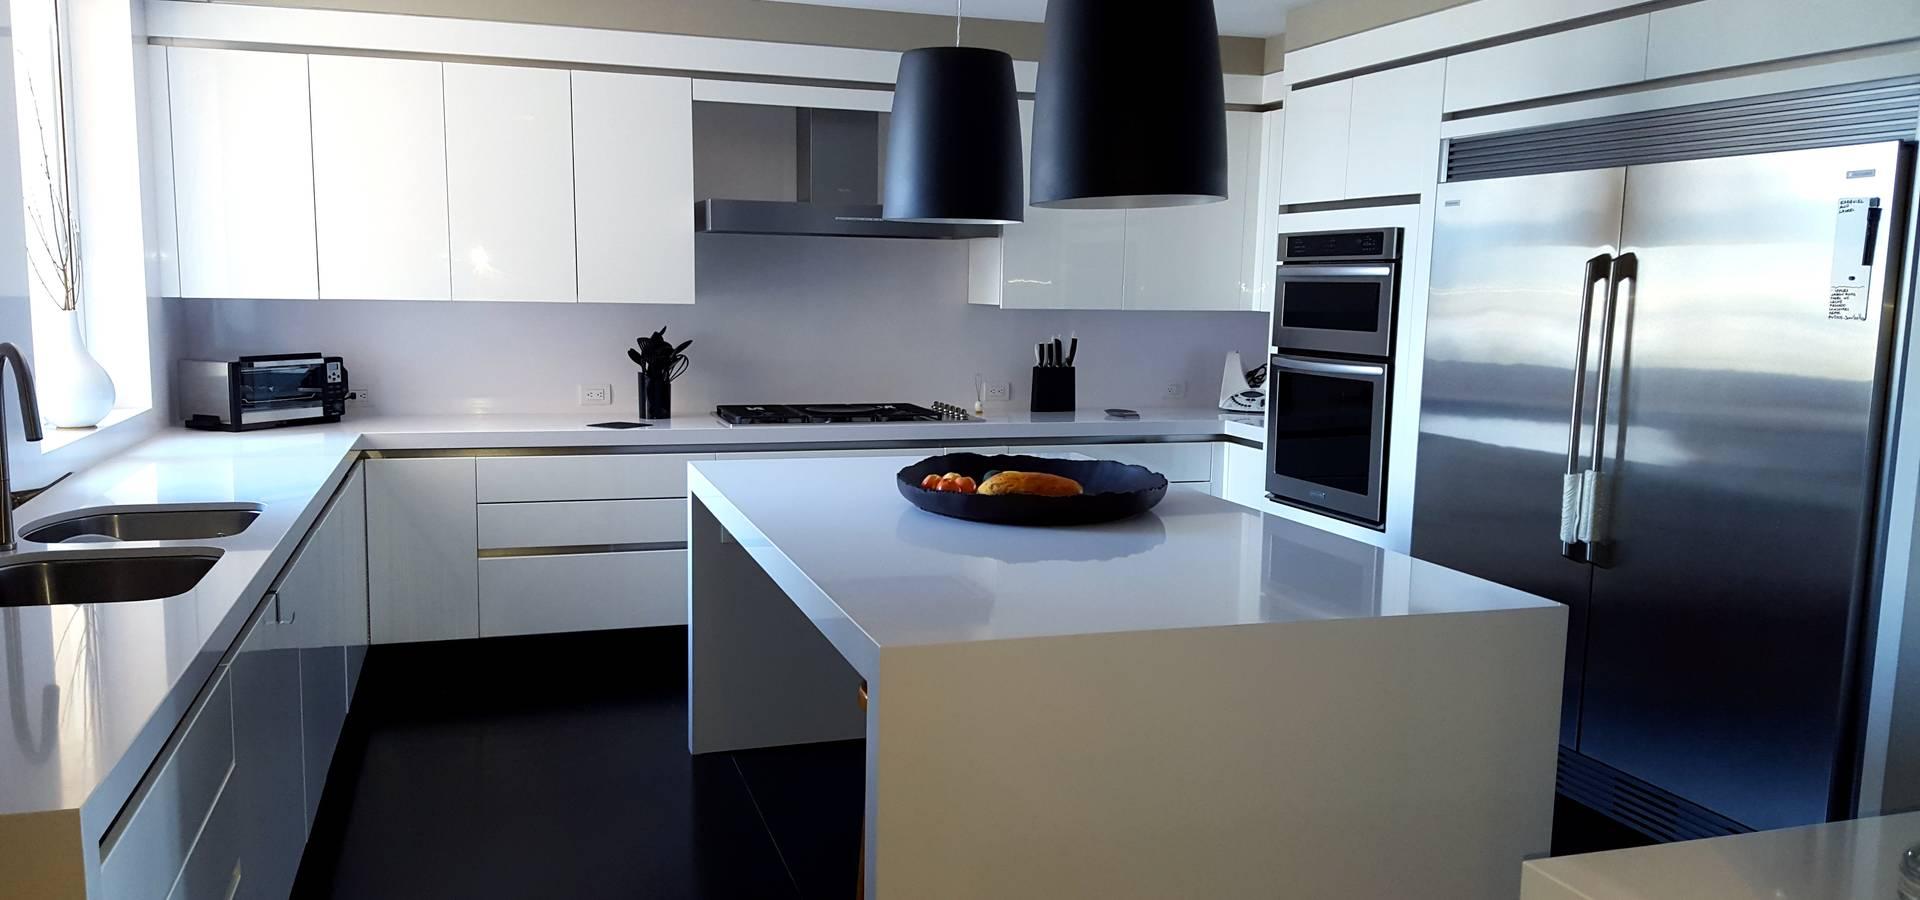 Cocina l nea espa ola blanca de cocinas y muebles flores for Cocinas espanolas modernas